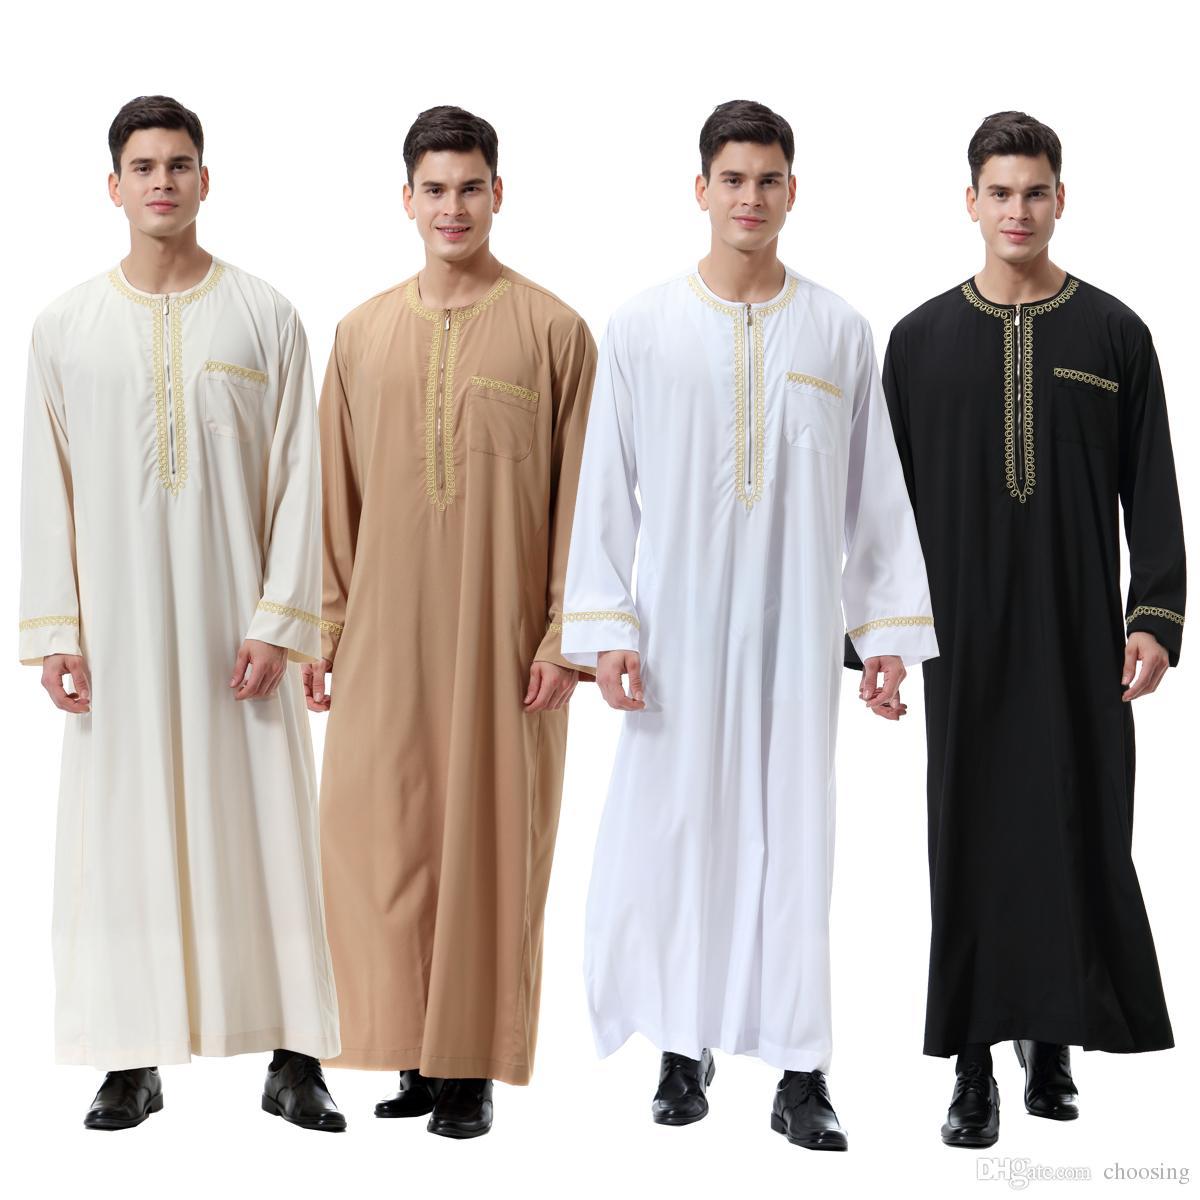 Код - е платье 811 мужская Исламская одежда мусульманский халат Ближнем Востоке мужской galabia мусульманских арабских мужчин